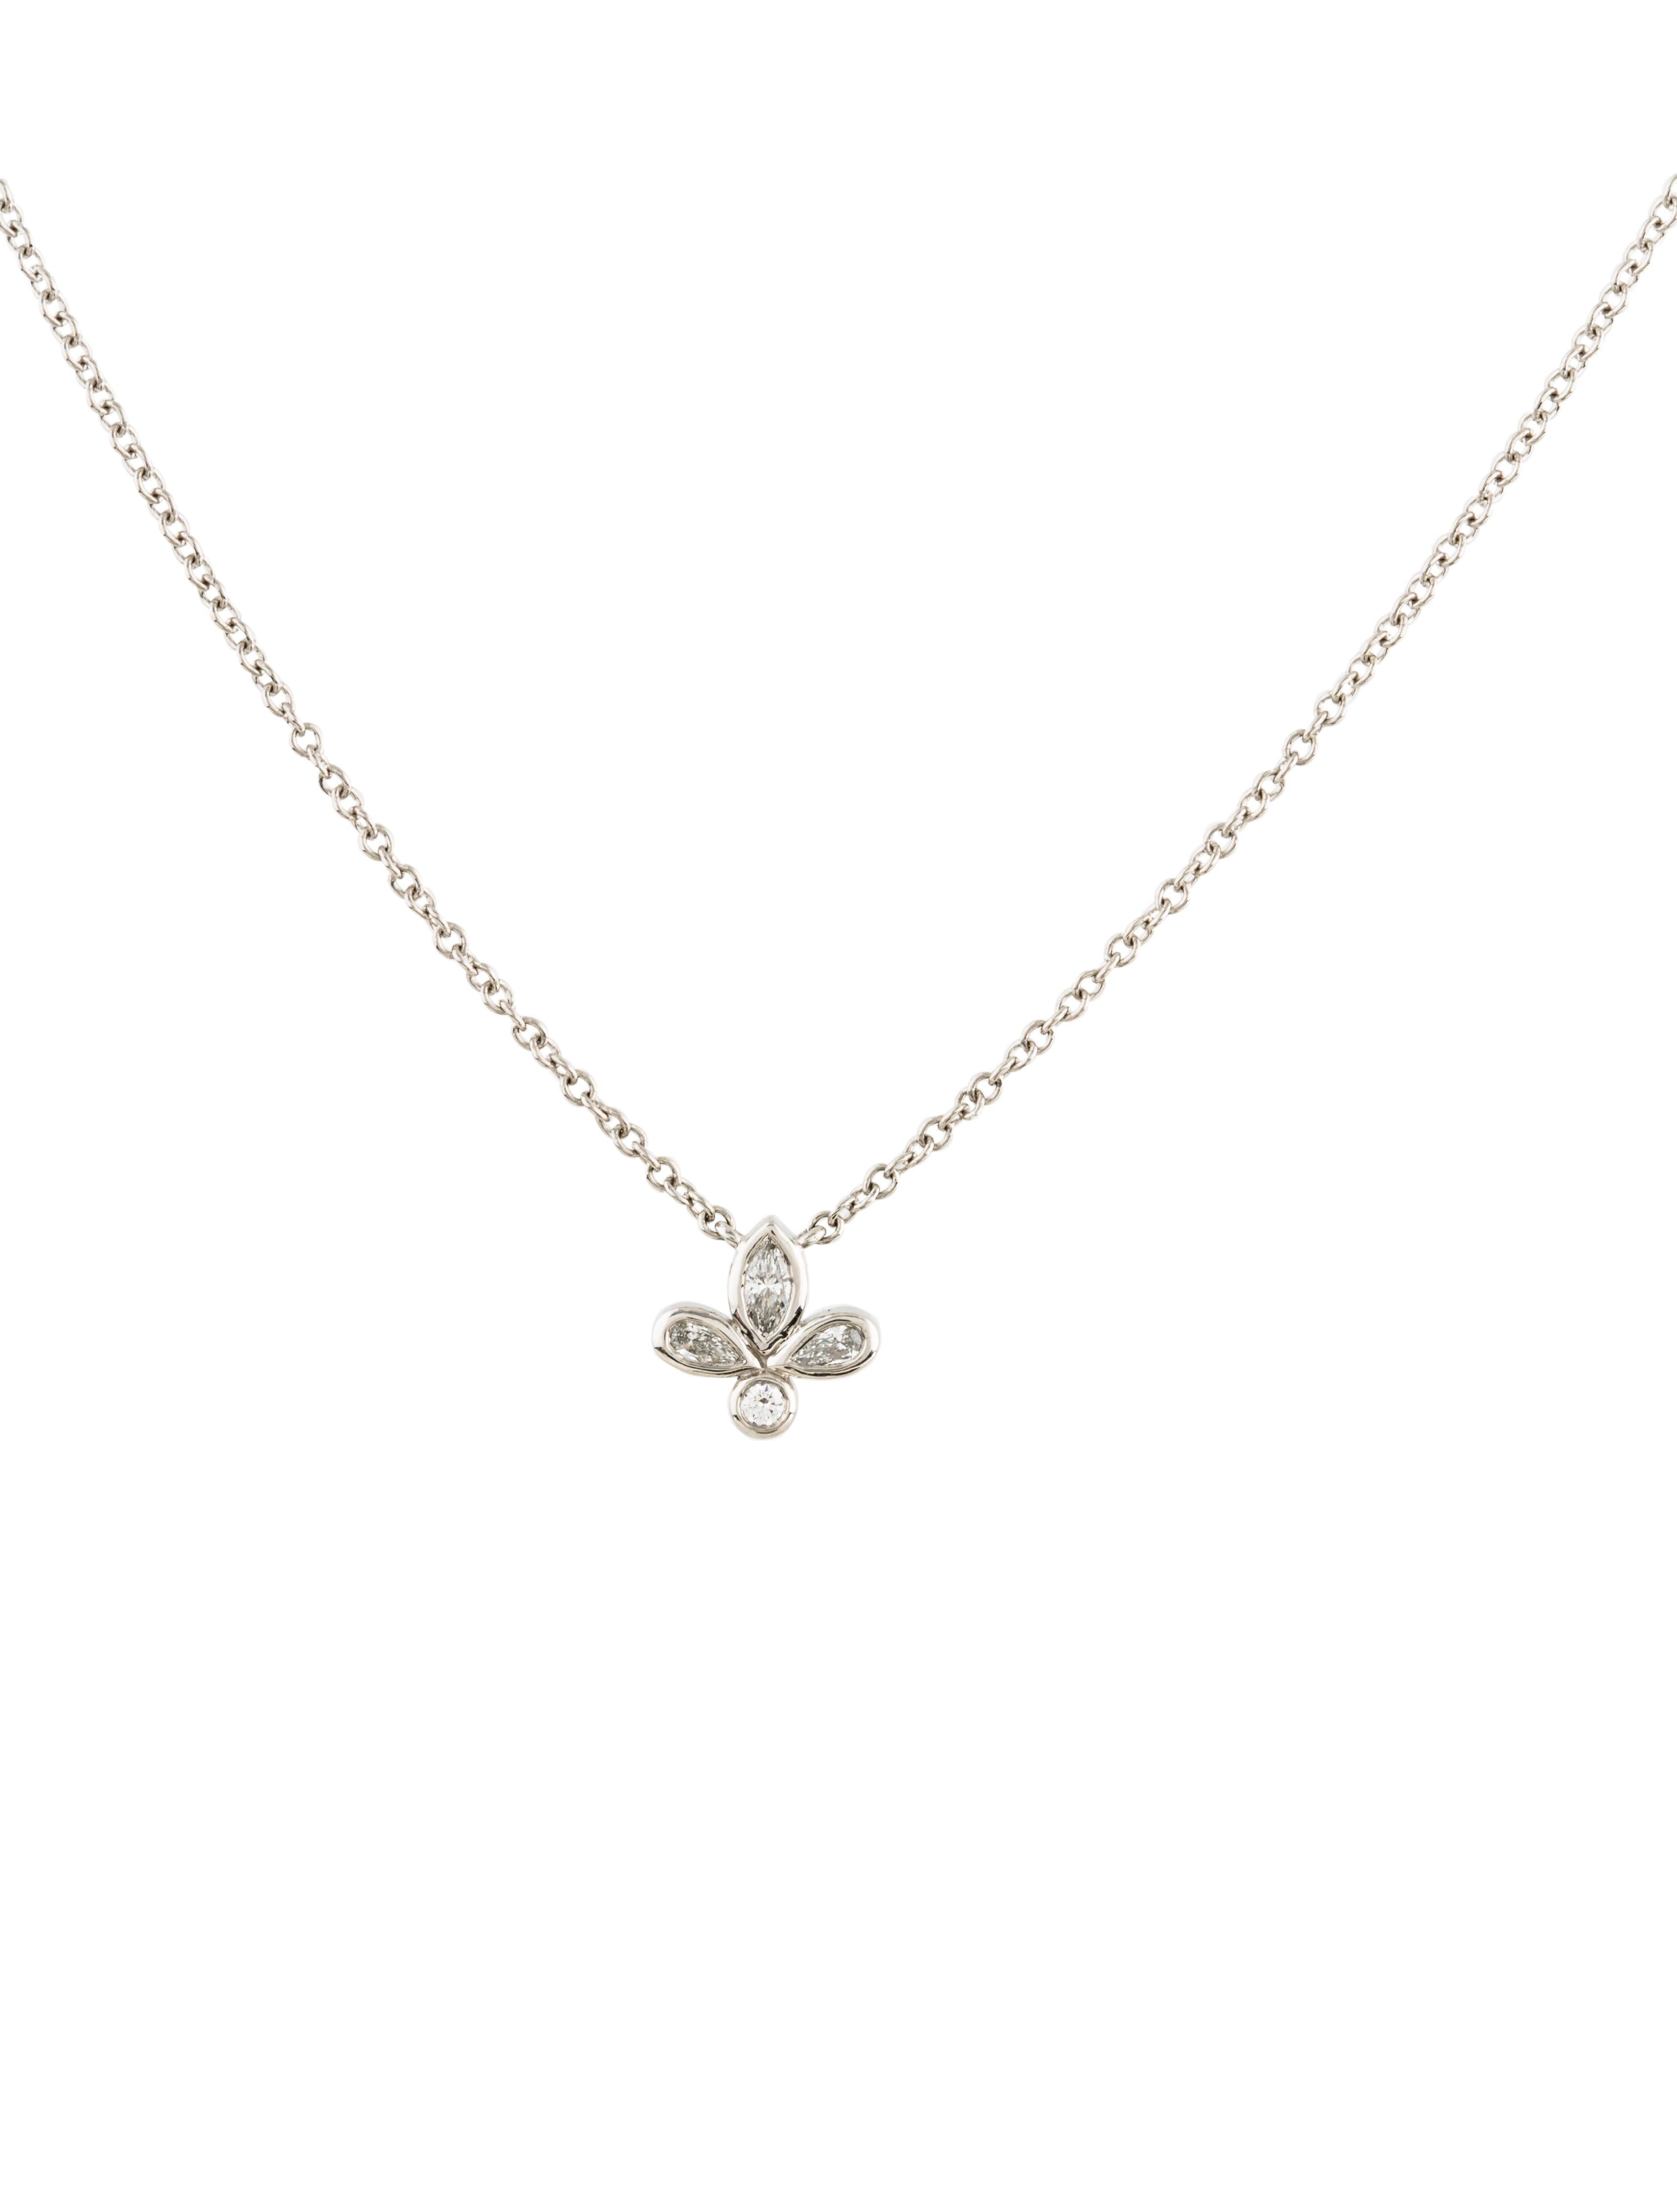 Tiffany co diamond fleur de lis pendant necklace necklaces diamond fleur de lis pendant necklace aloadofball Choice Image